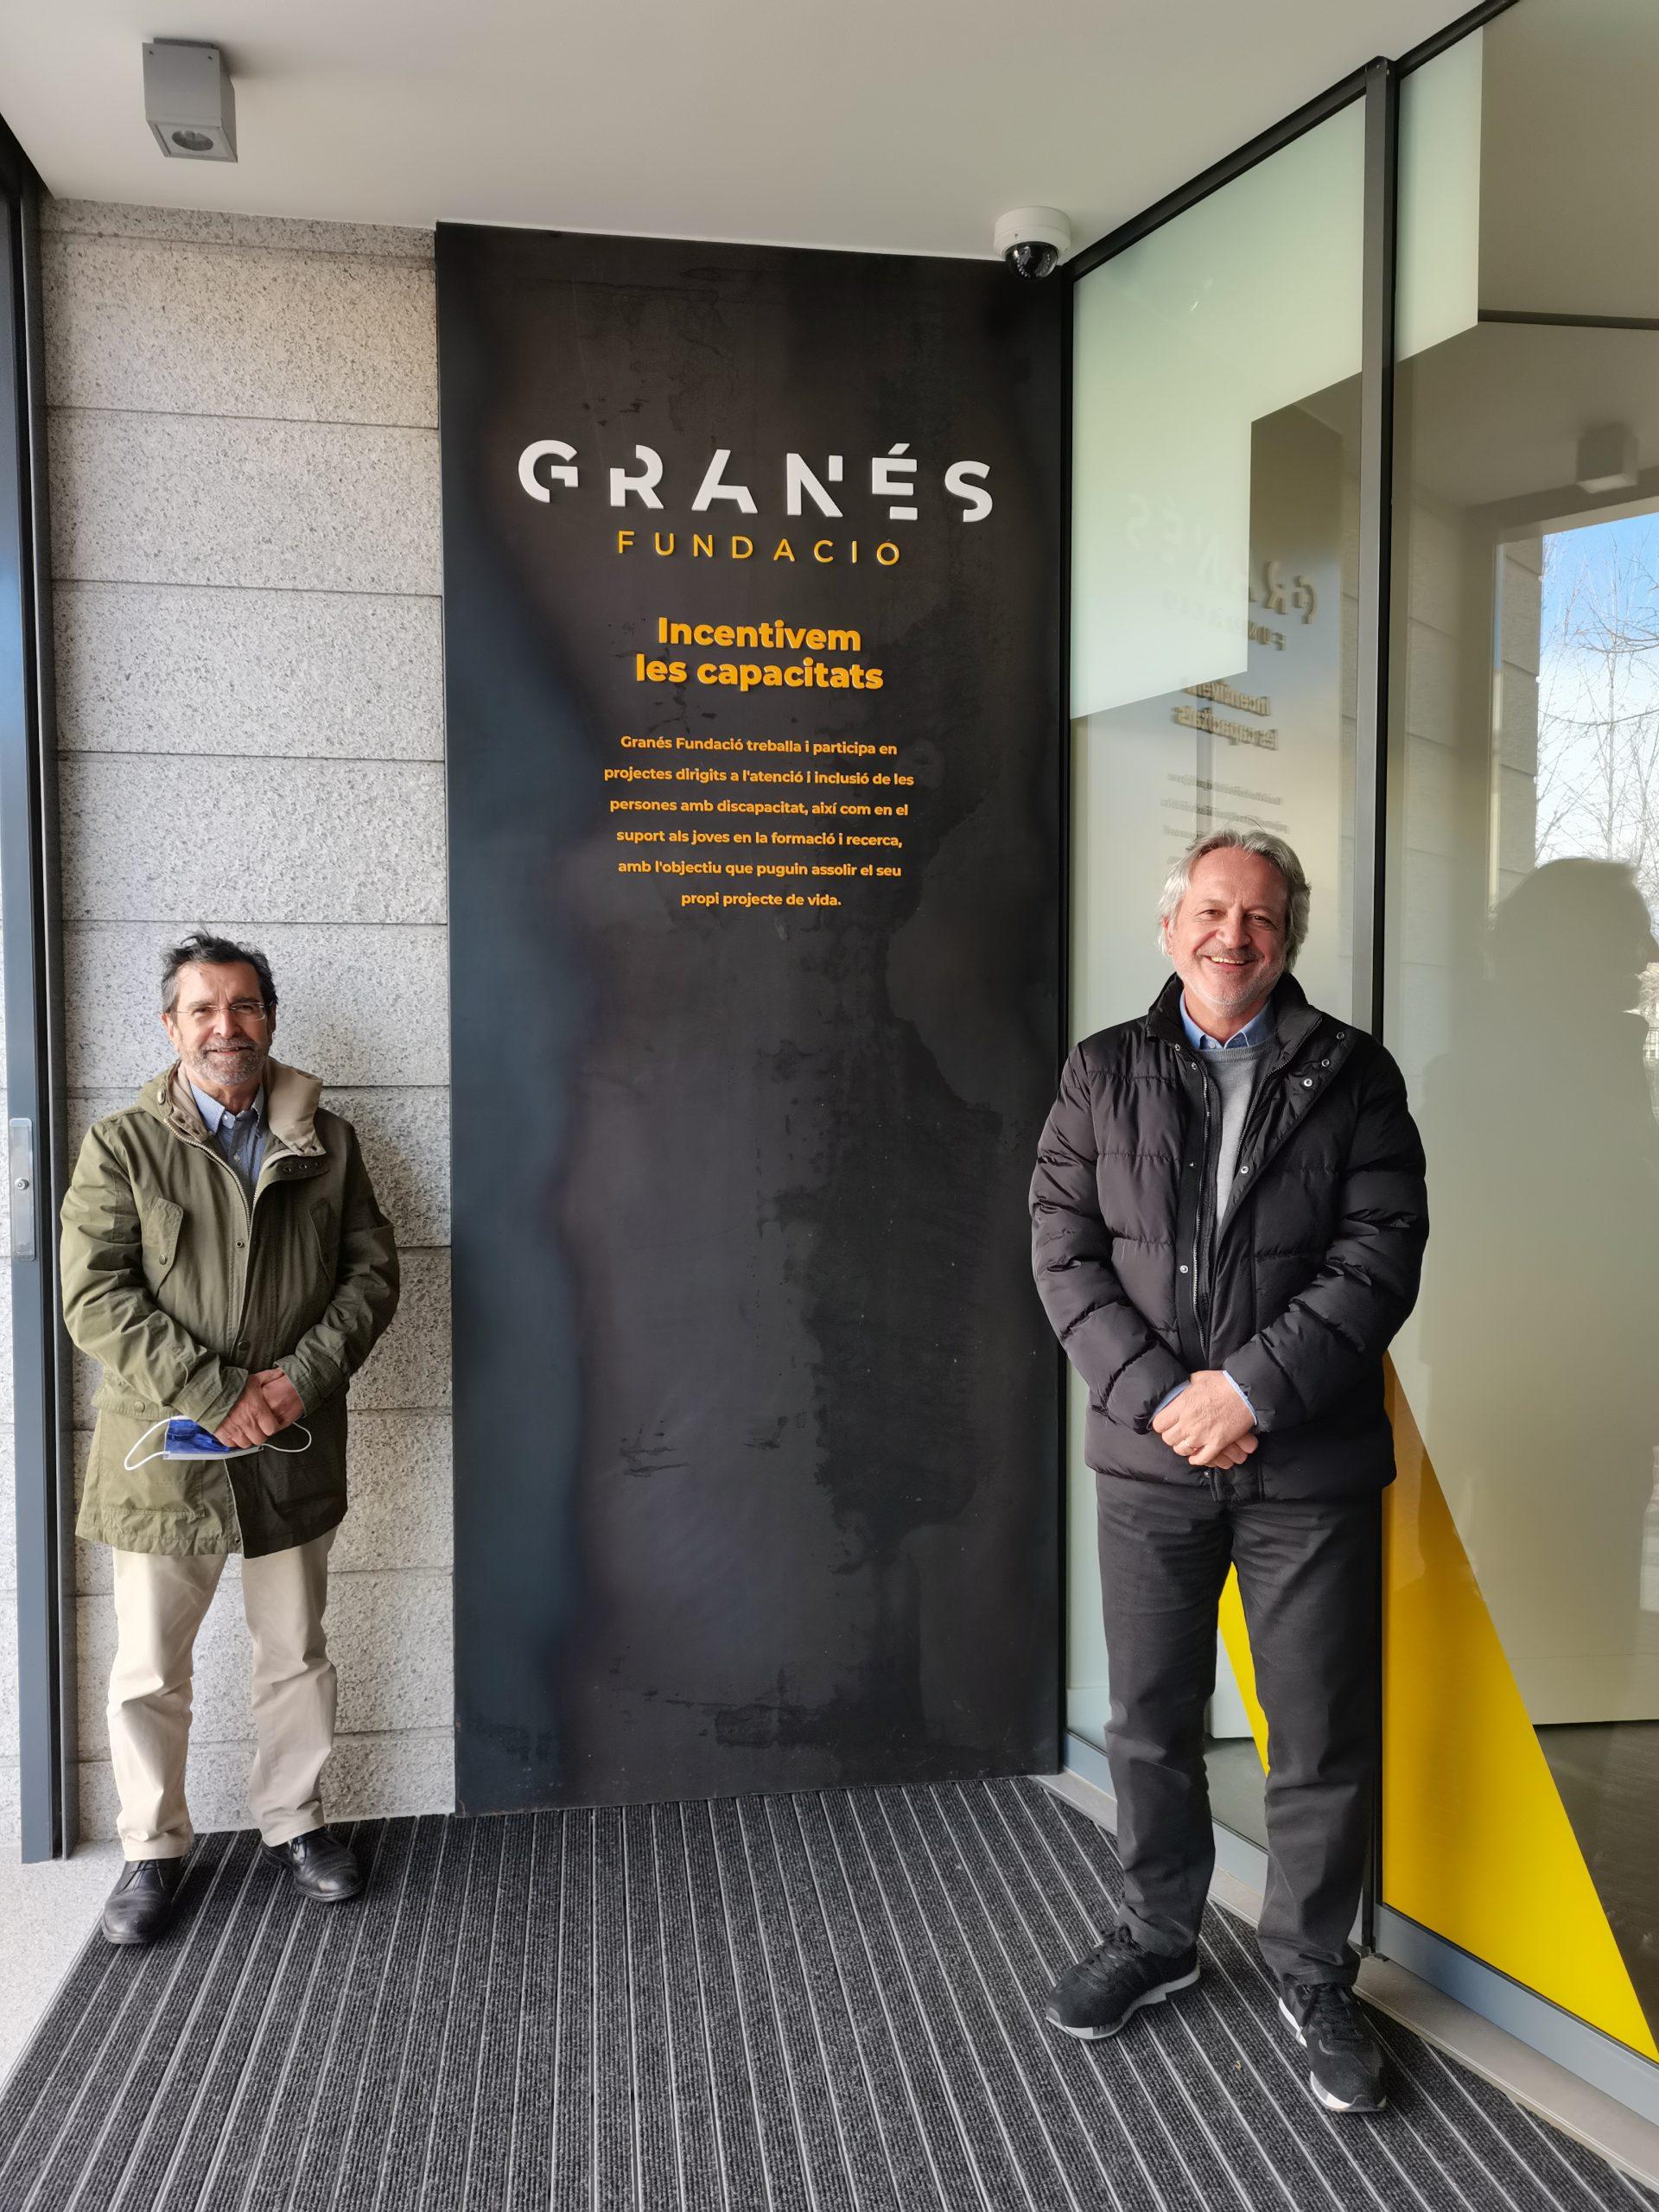 Antoni Vilà, Vicepresident De Granés Fundació, I Raimon Del Moral, President Del Patronat